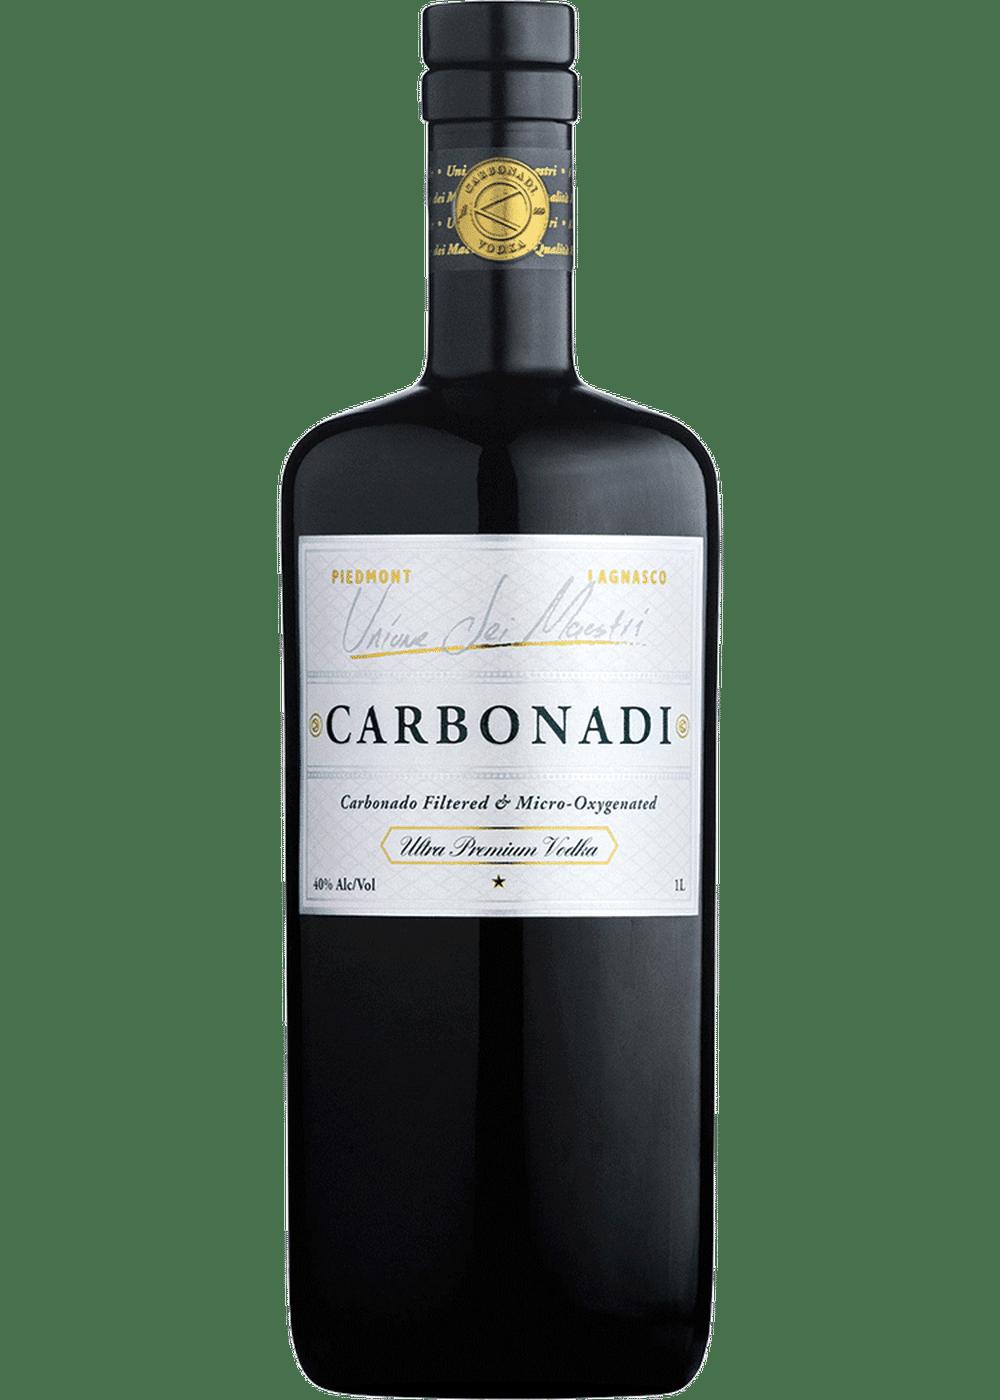 Carbonadi